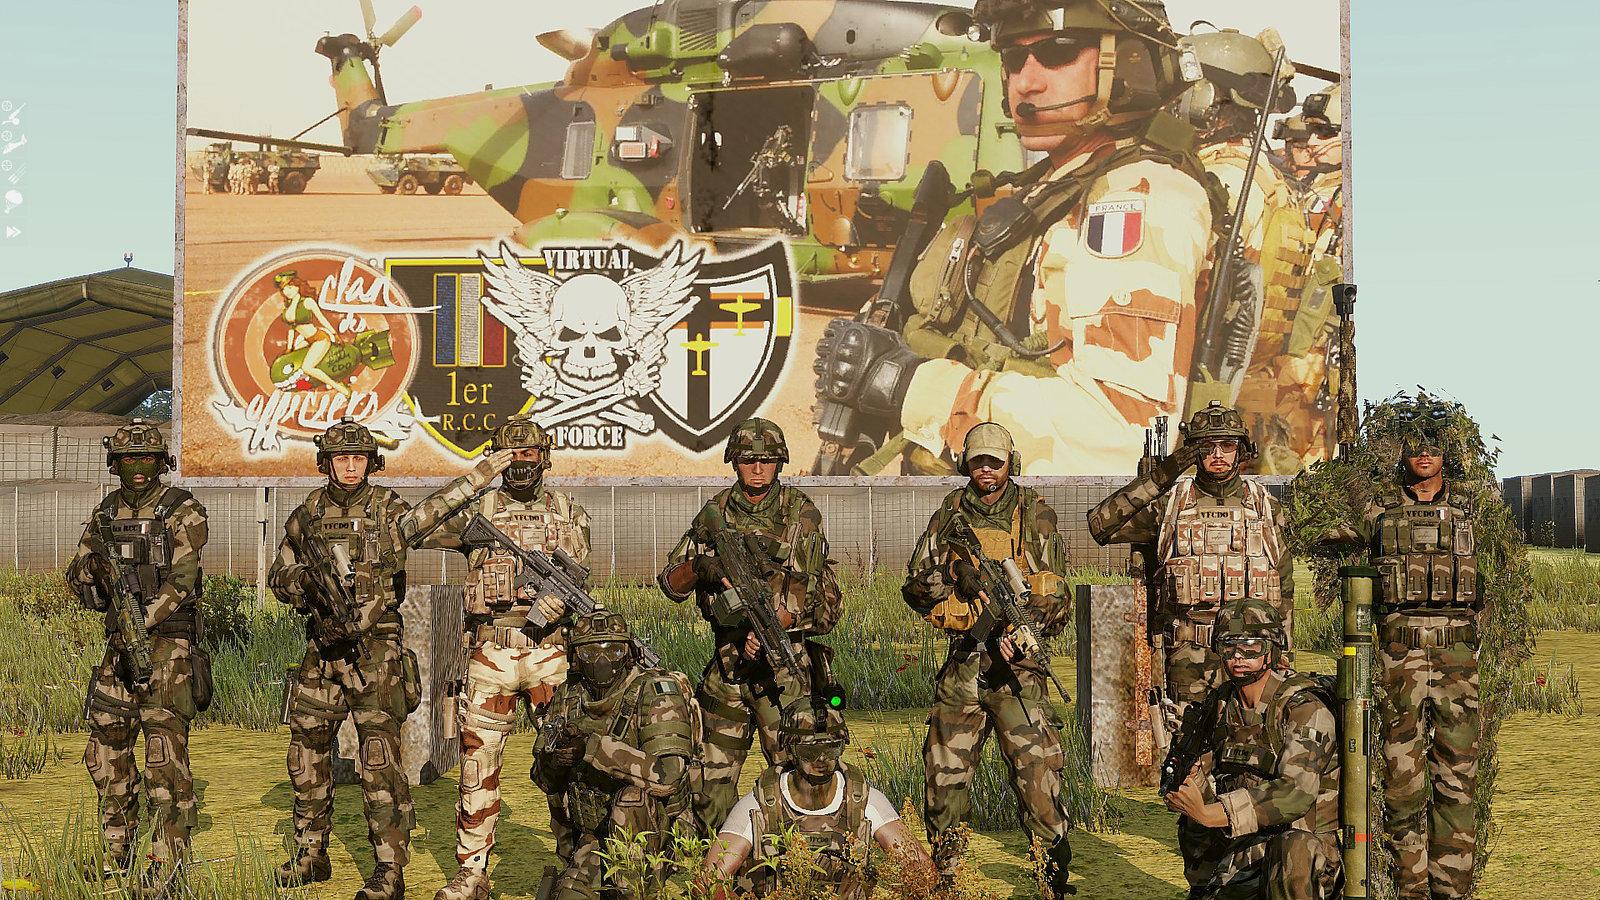 Groupe de combat Arma3 [VF | CDO | JG27 | 1er RCC]